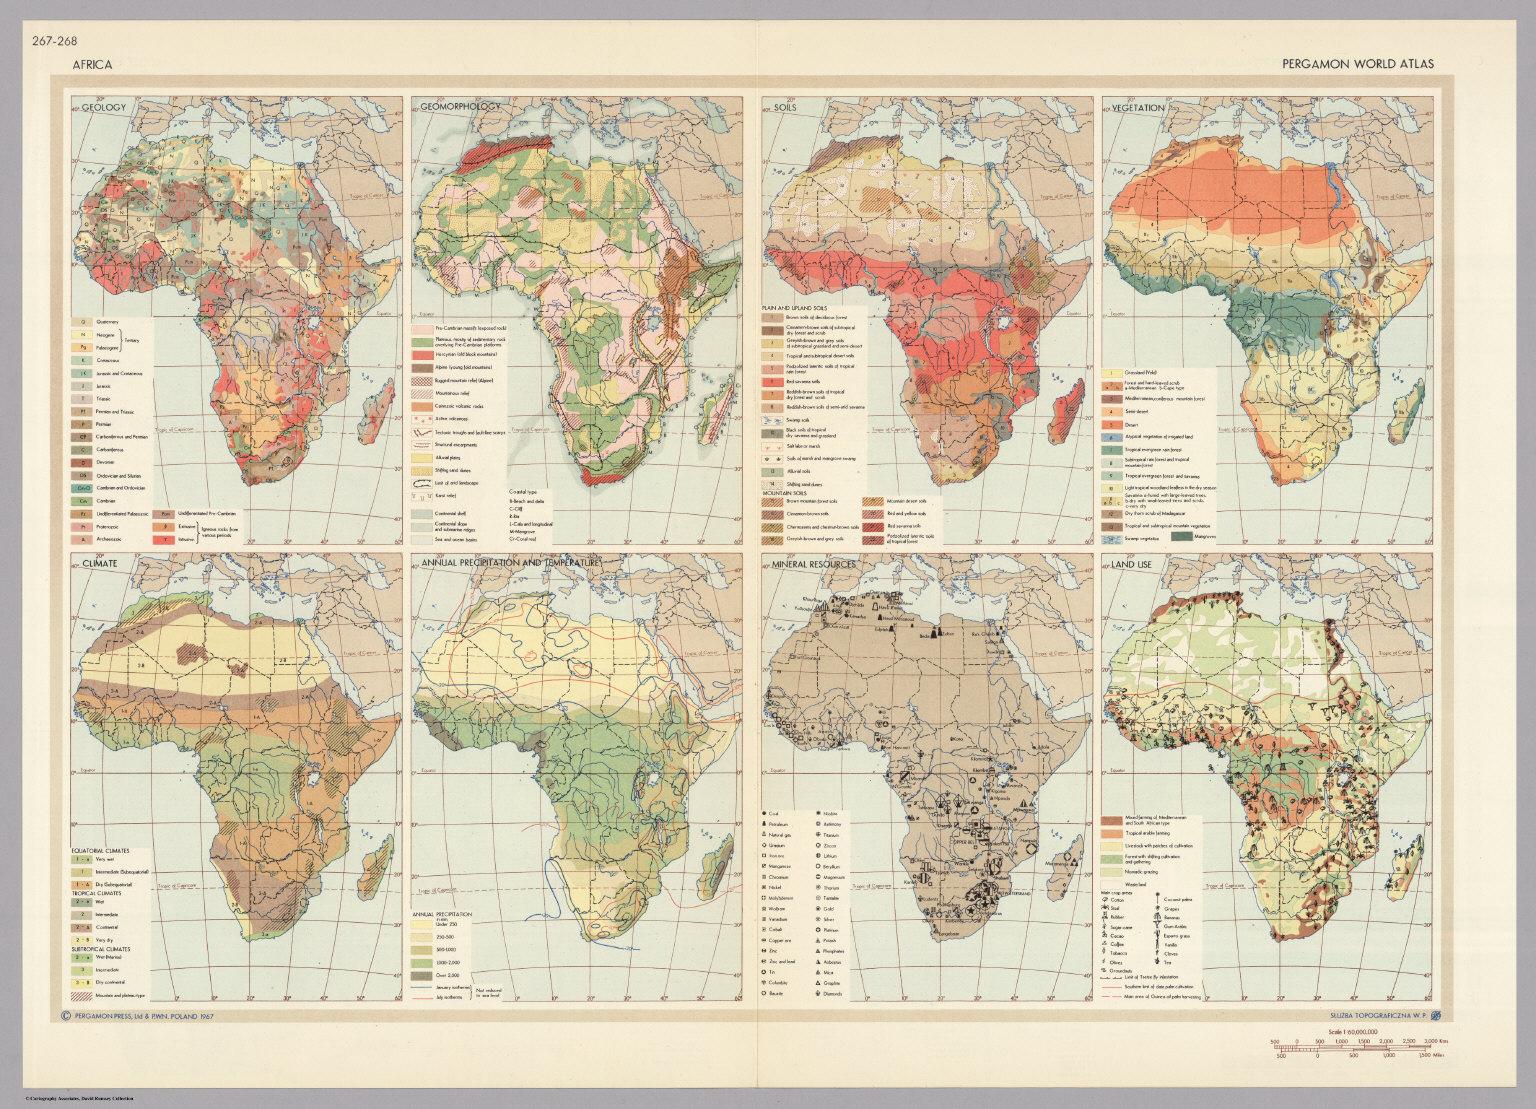 Africa pergamon world atlas david rumsey historical map collection africa pergamon world atlas gumiabroncs Images